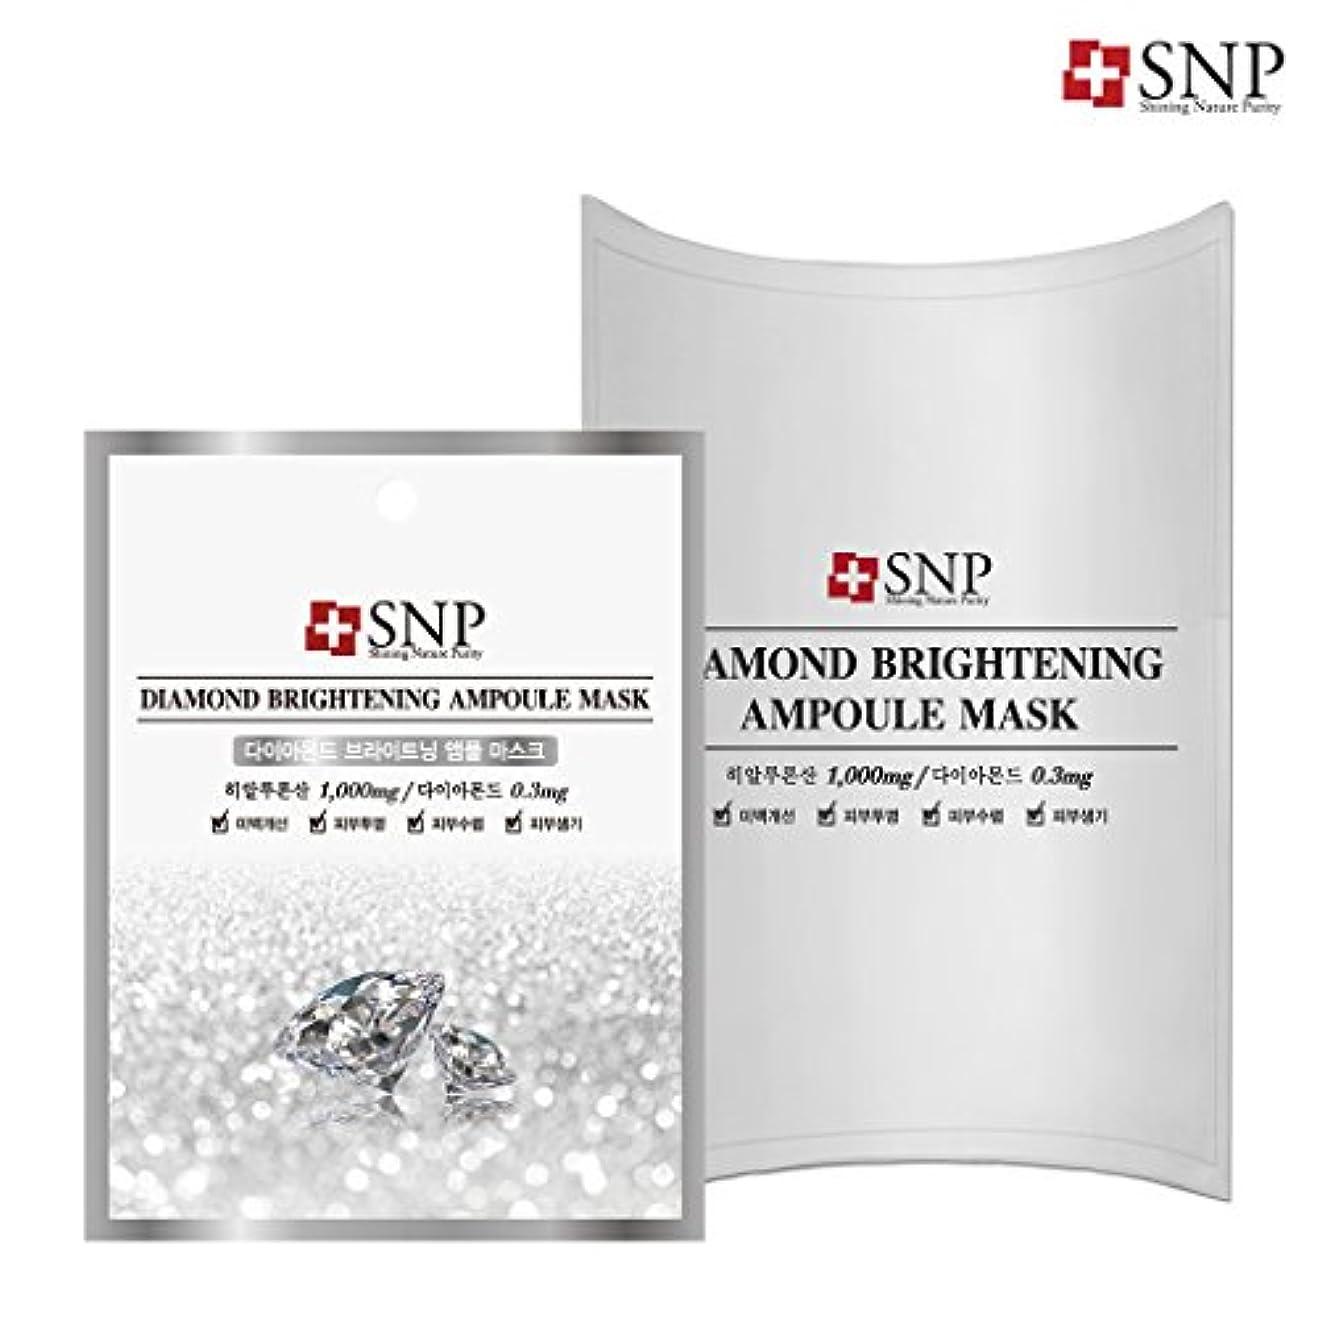 追い越すトラフィック誇張SNP ダイアモンド ブライトニング アンプル マスク (10枚) 10枚/DIAMOND BRIGHTENING AMPOULE MASK 10EA[海外直送品]